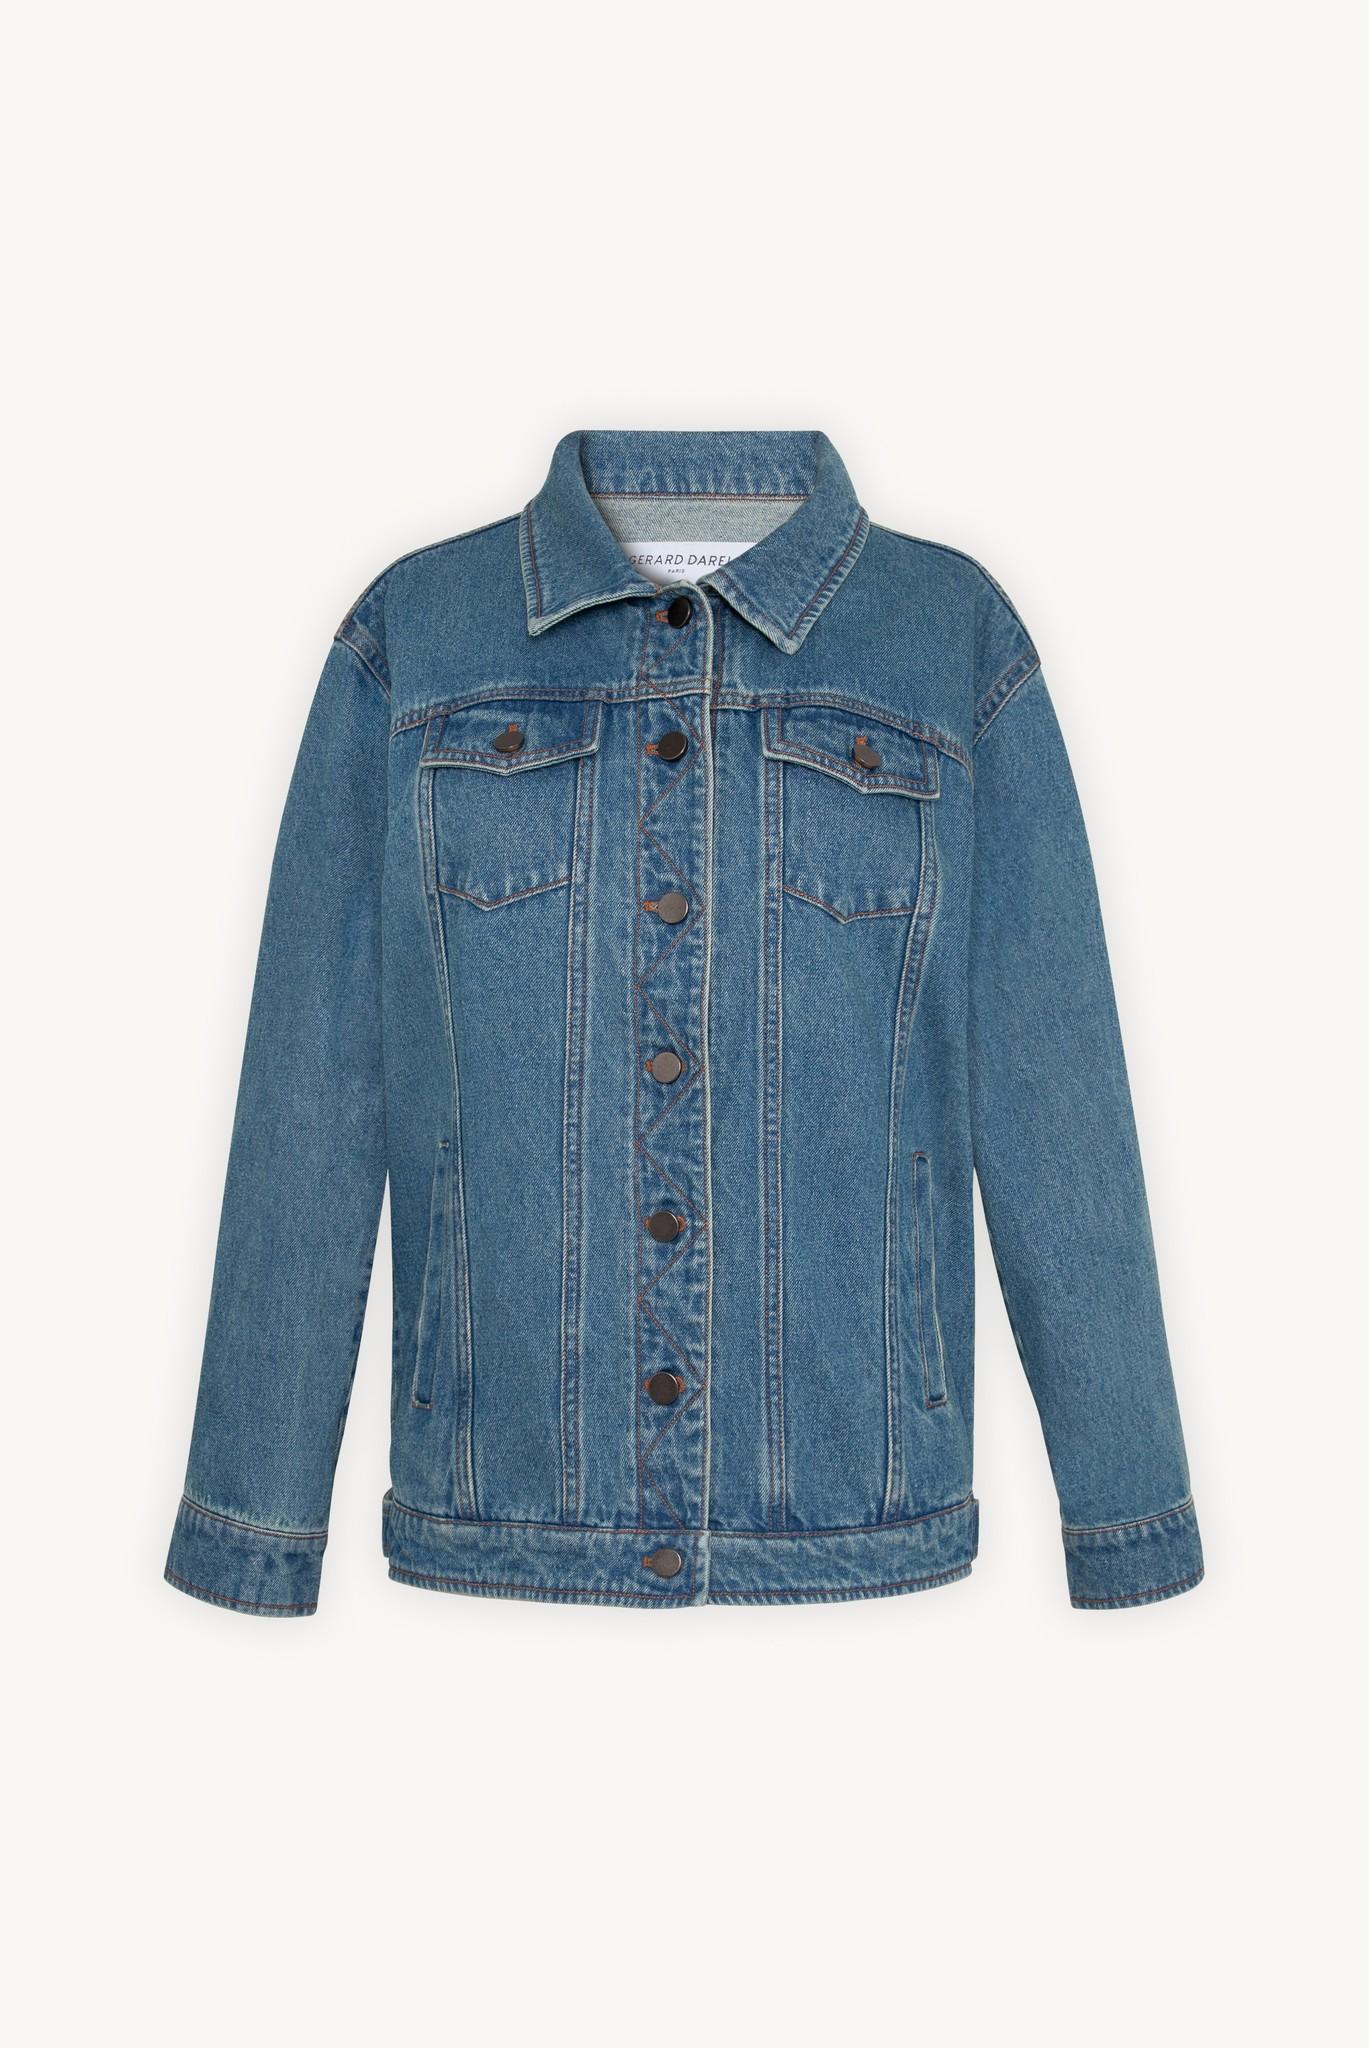 AURELIA - Прямая джинсовая куртка